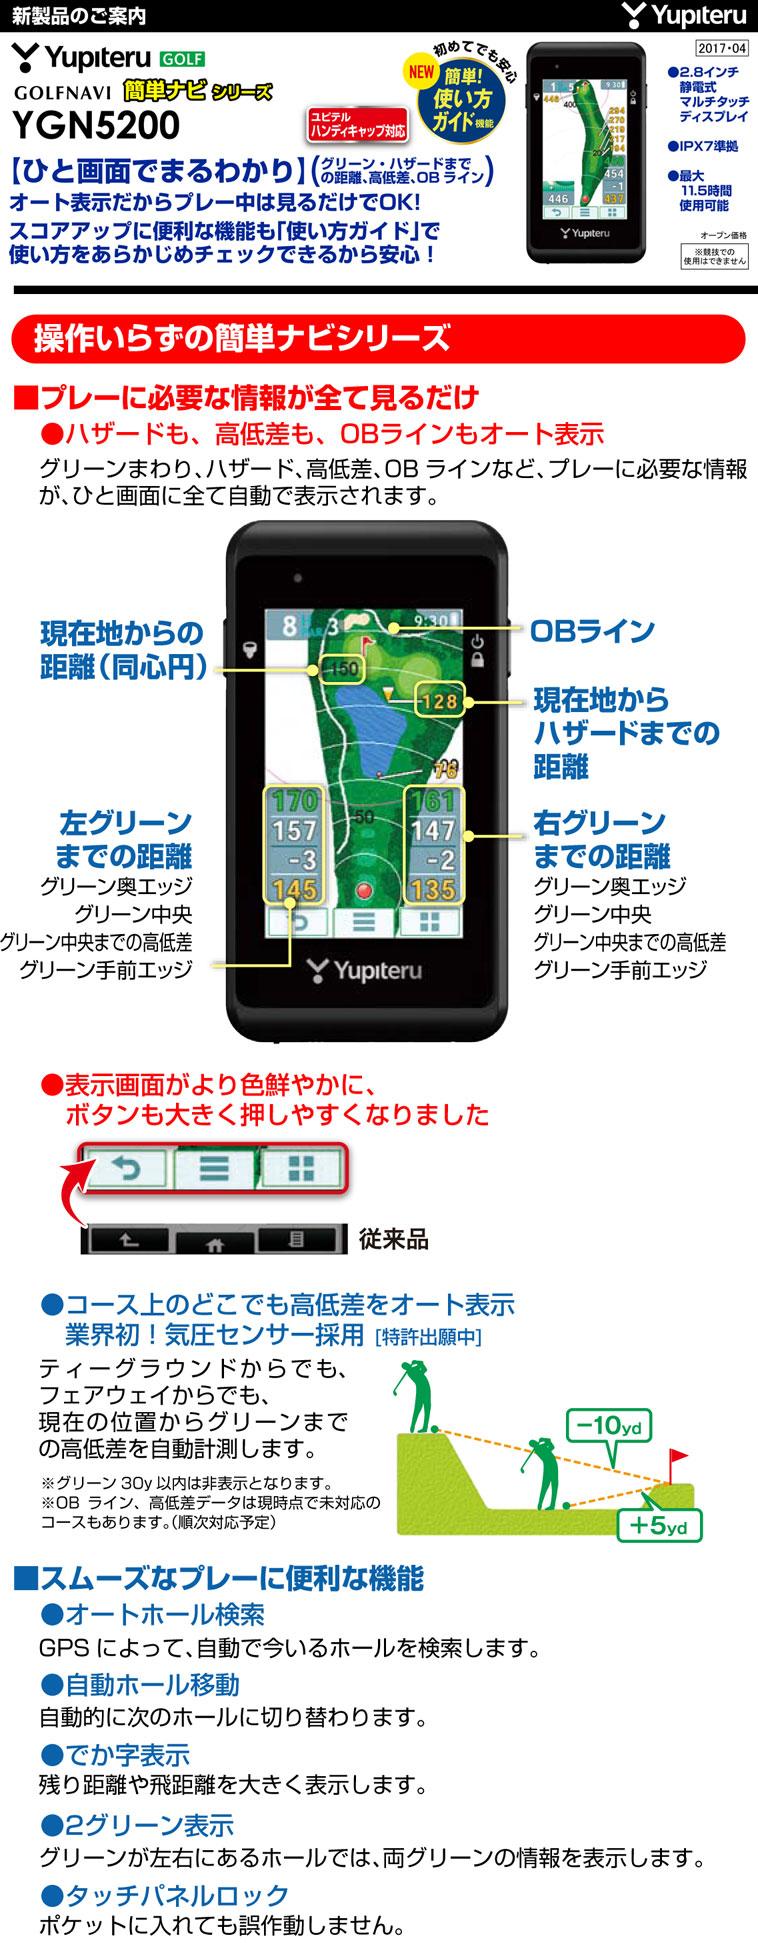 YGN5200_News_1704_1